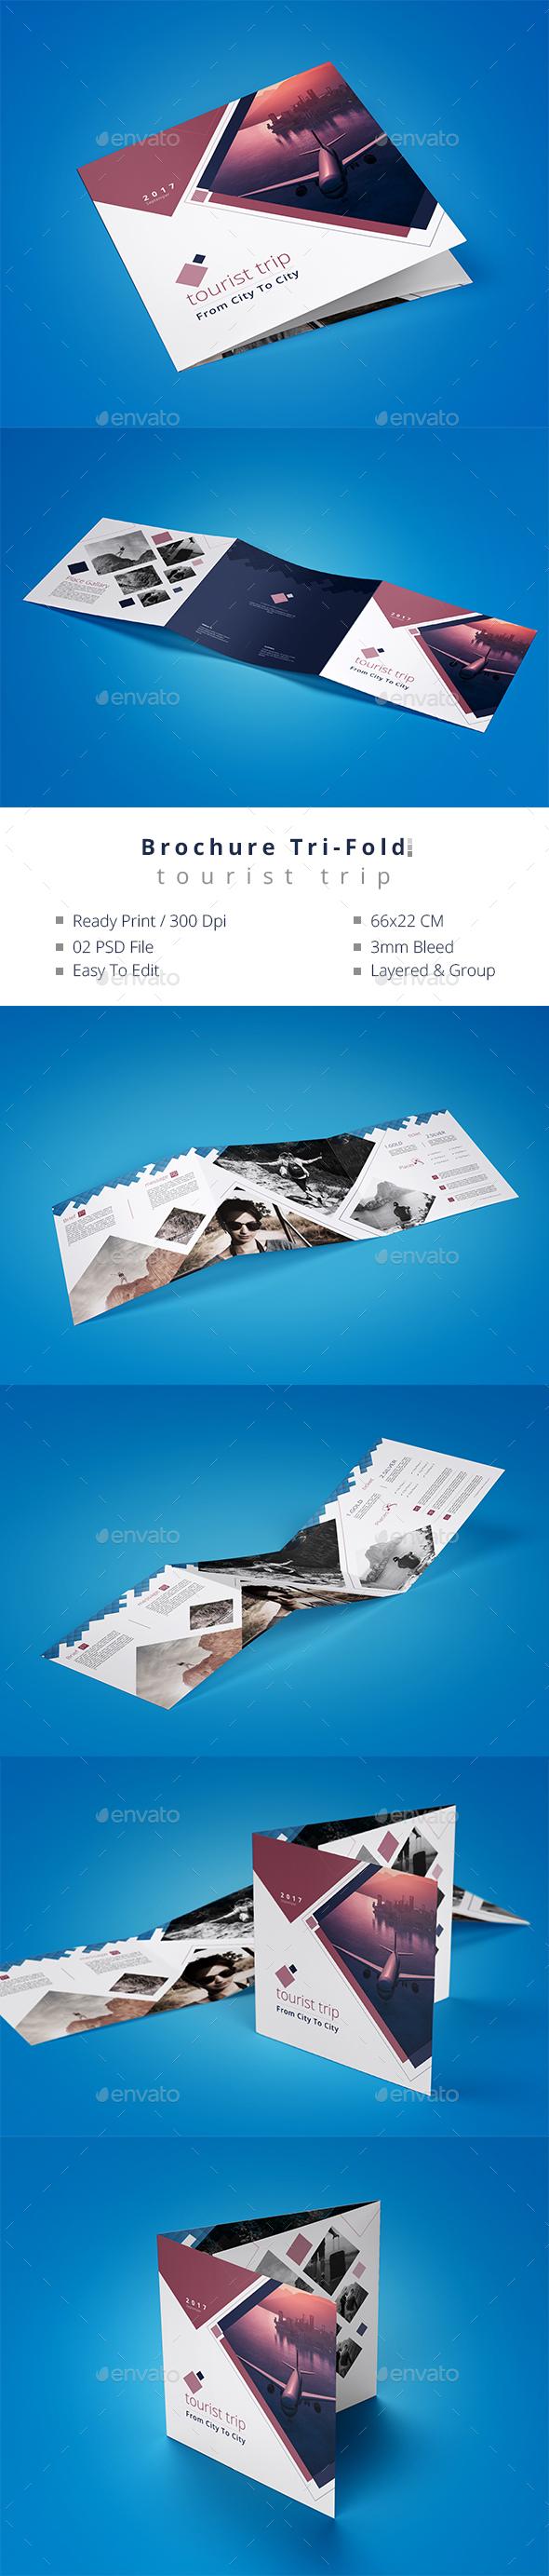 GraphicRiver Brochure Tri-Fold Tourist Trip 20509997